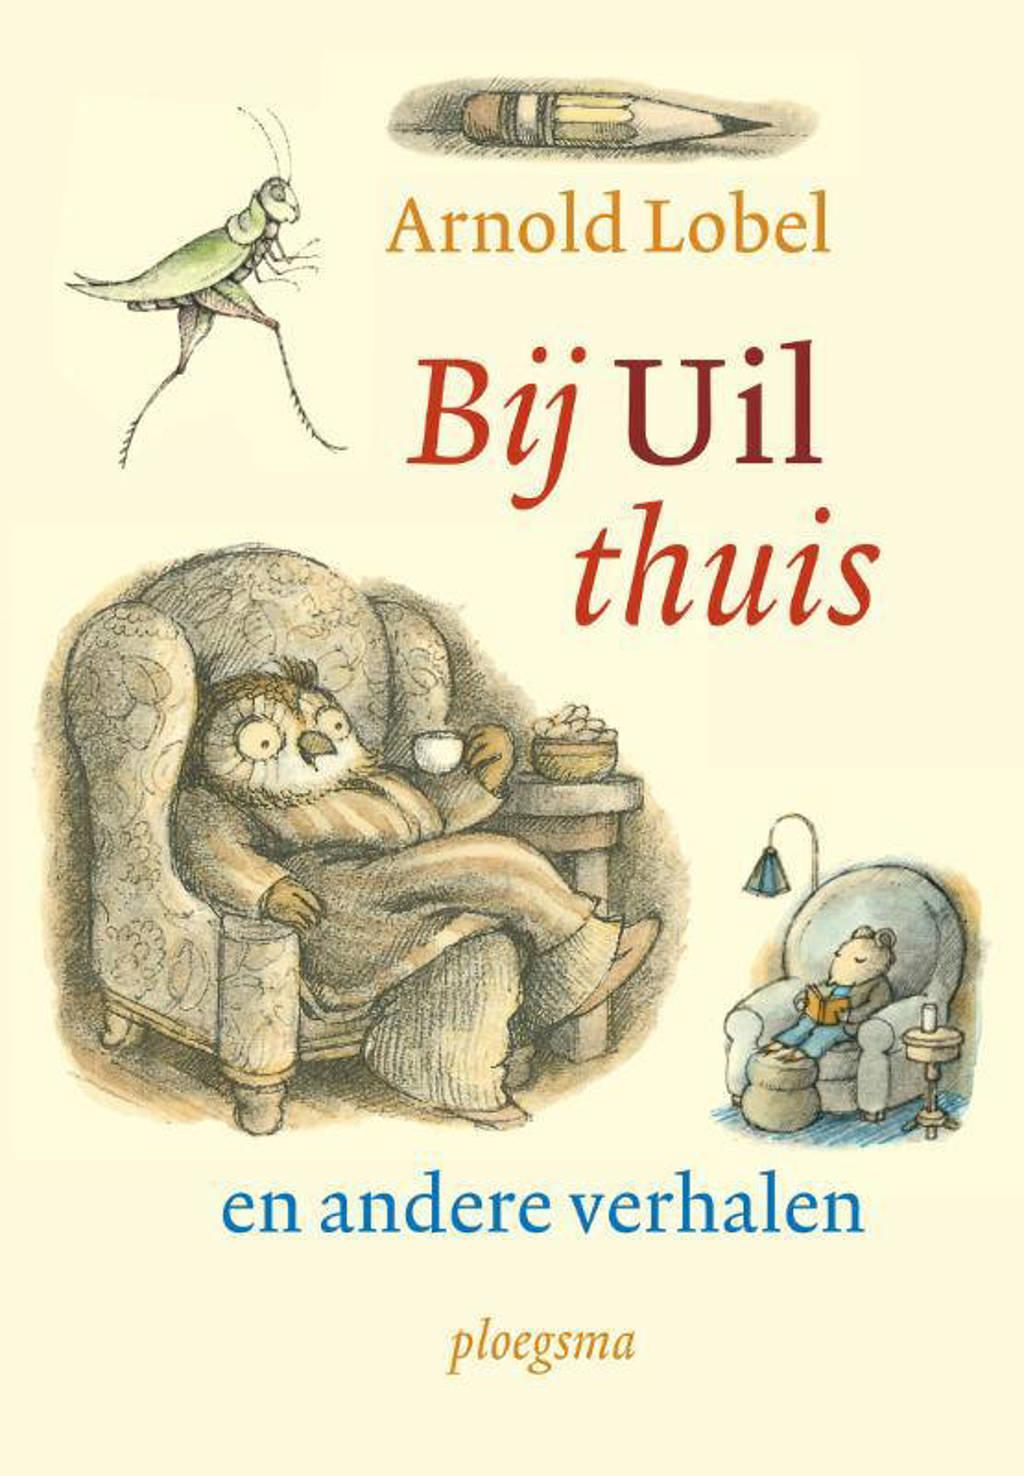 Bij uil thuis en andere verhalen - Arnold Lobel